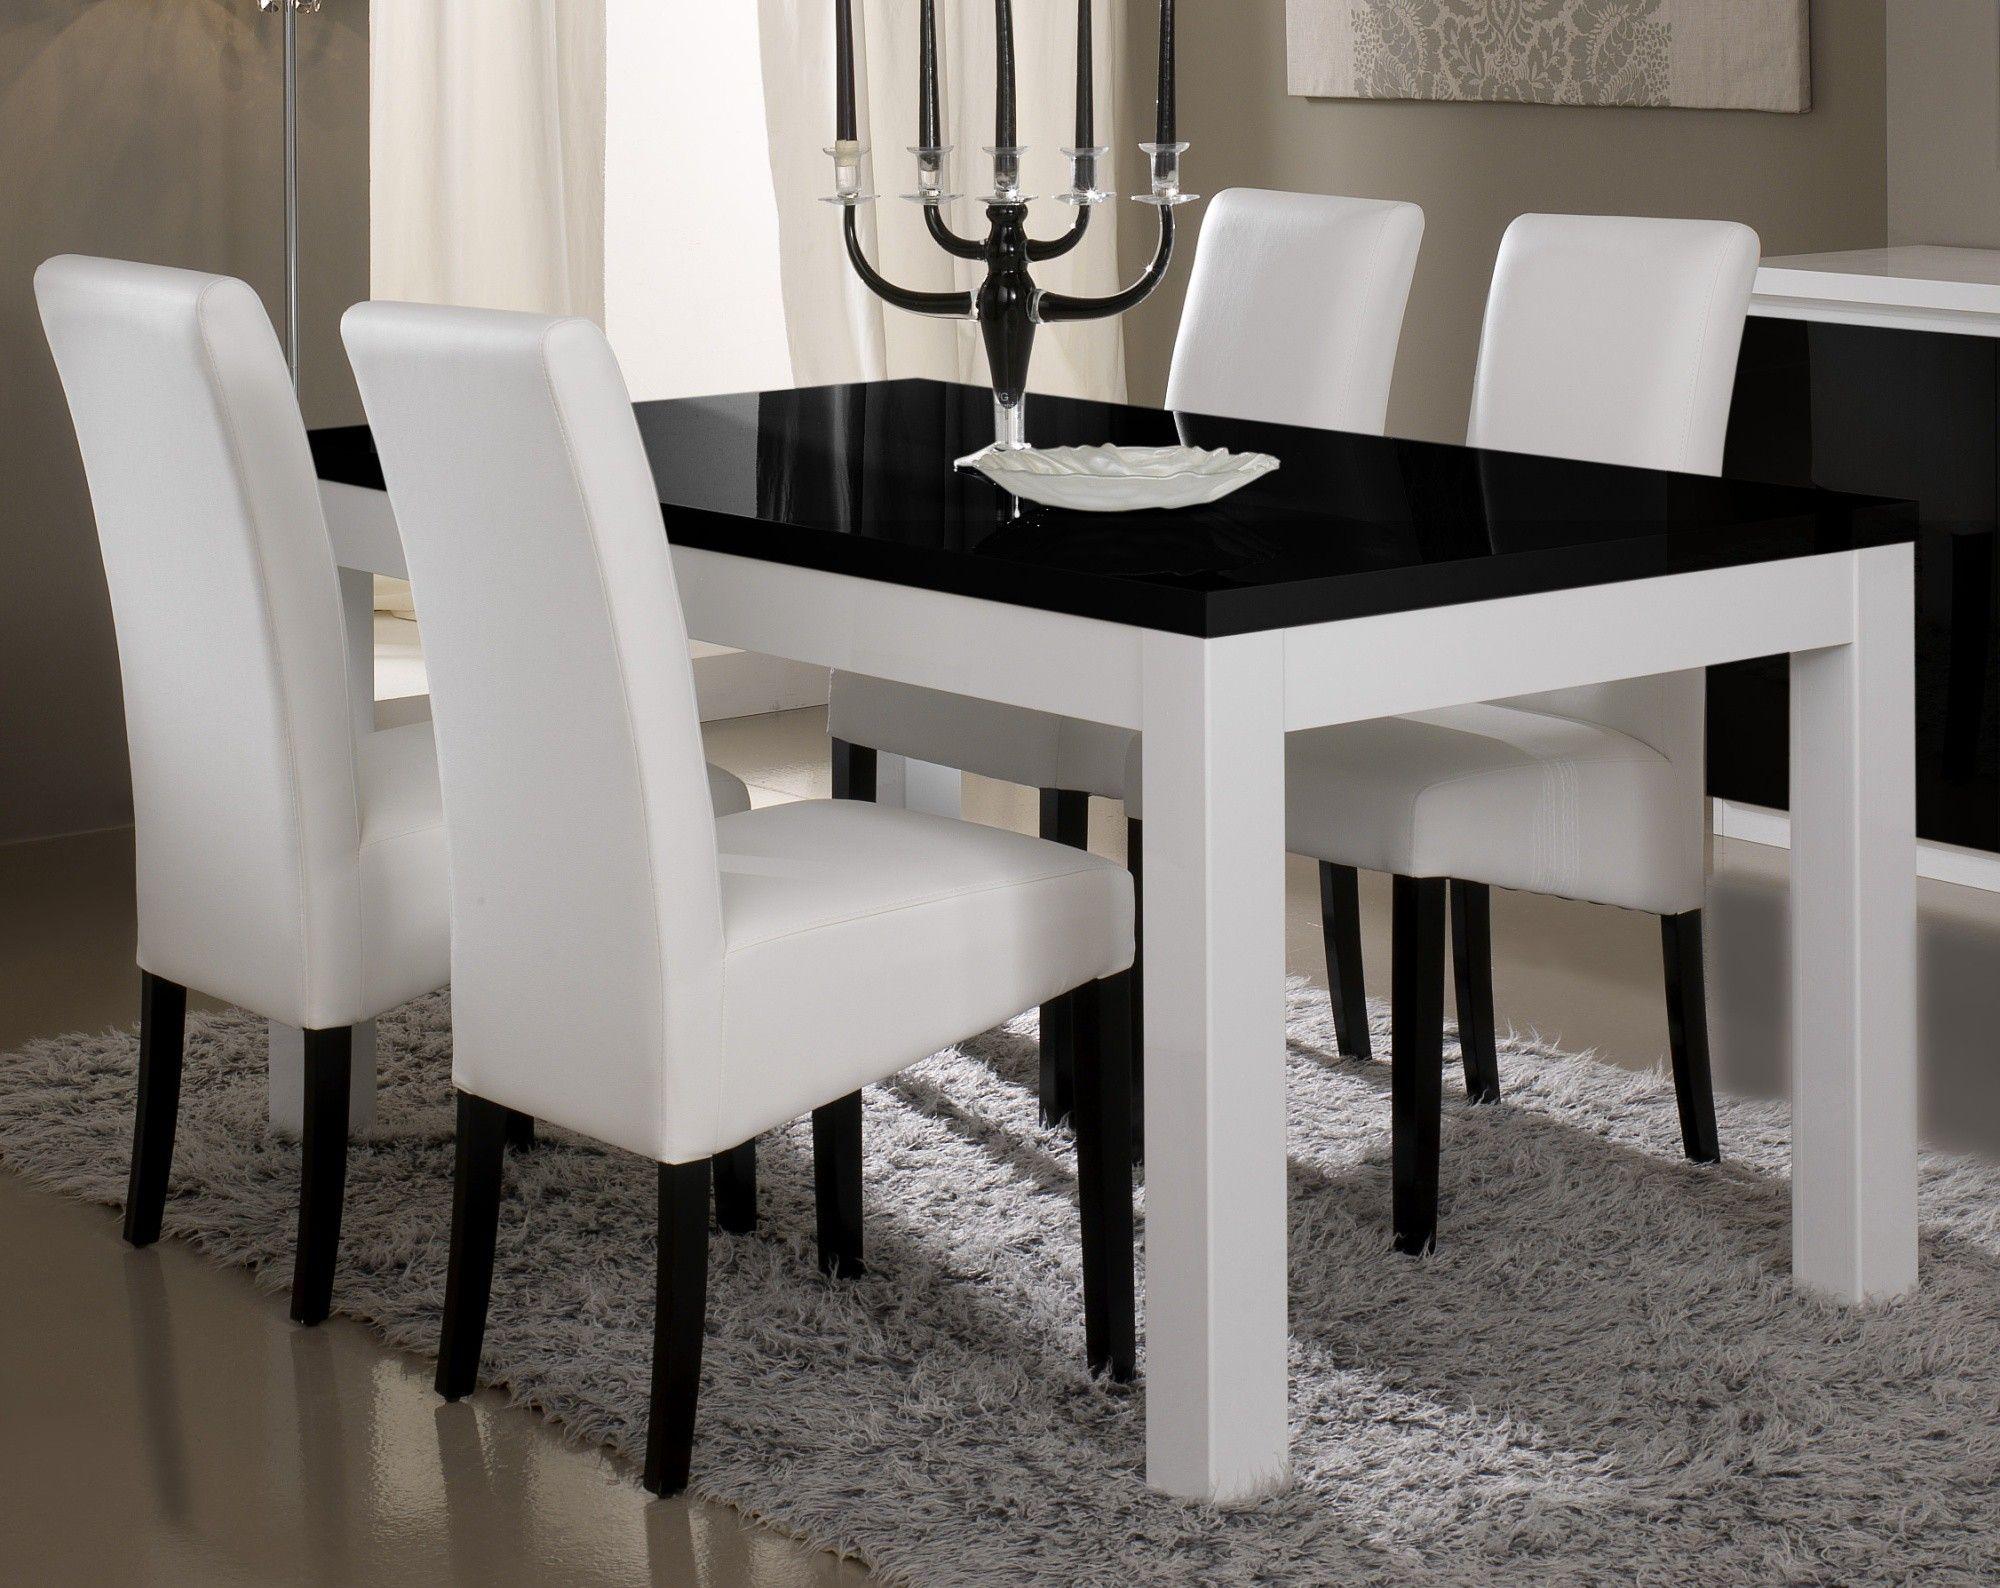 impressionnant chaise pour table blanche laquée | Décoration ...